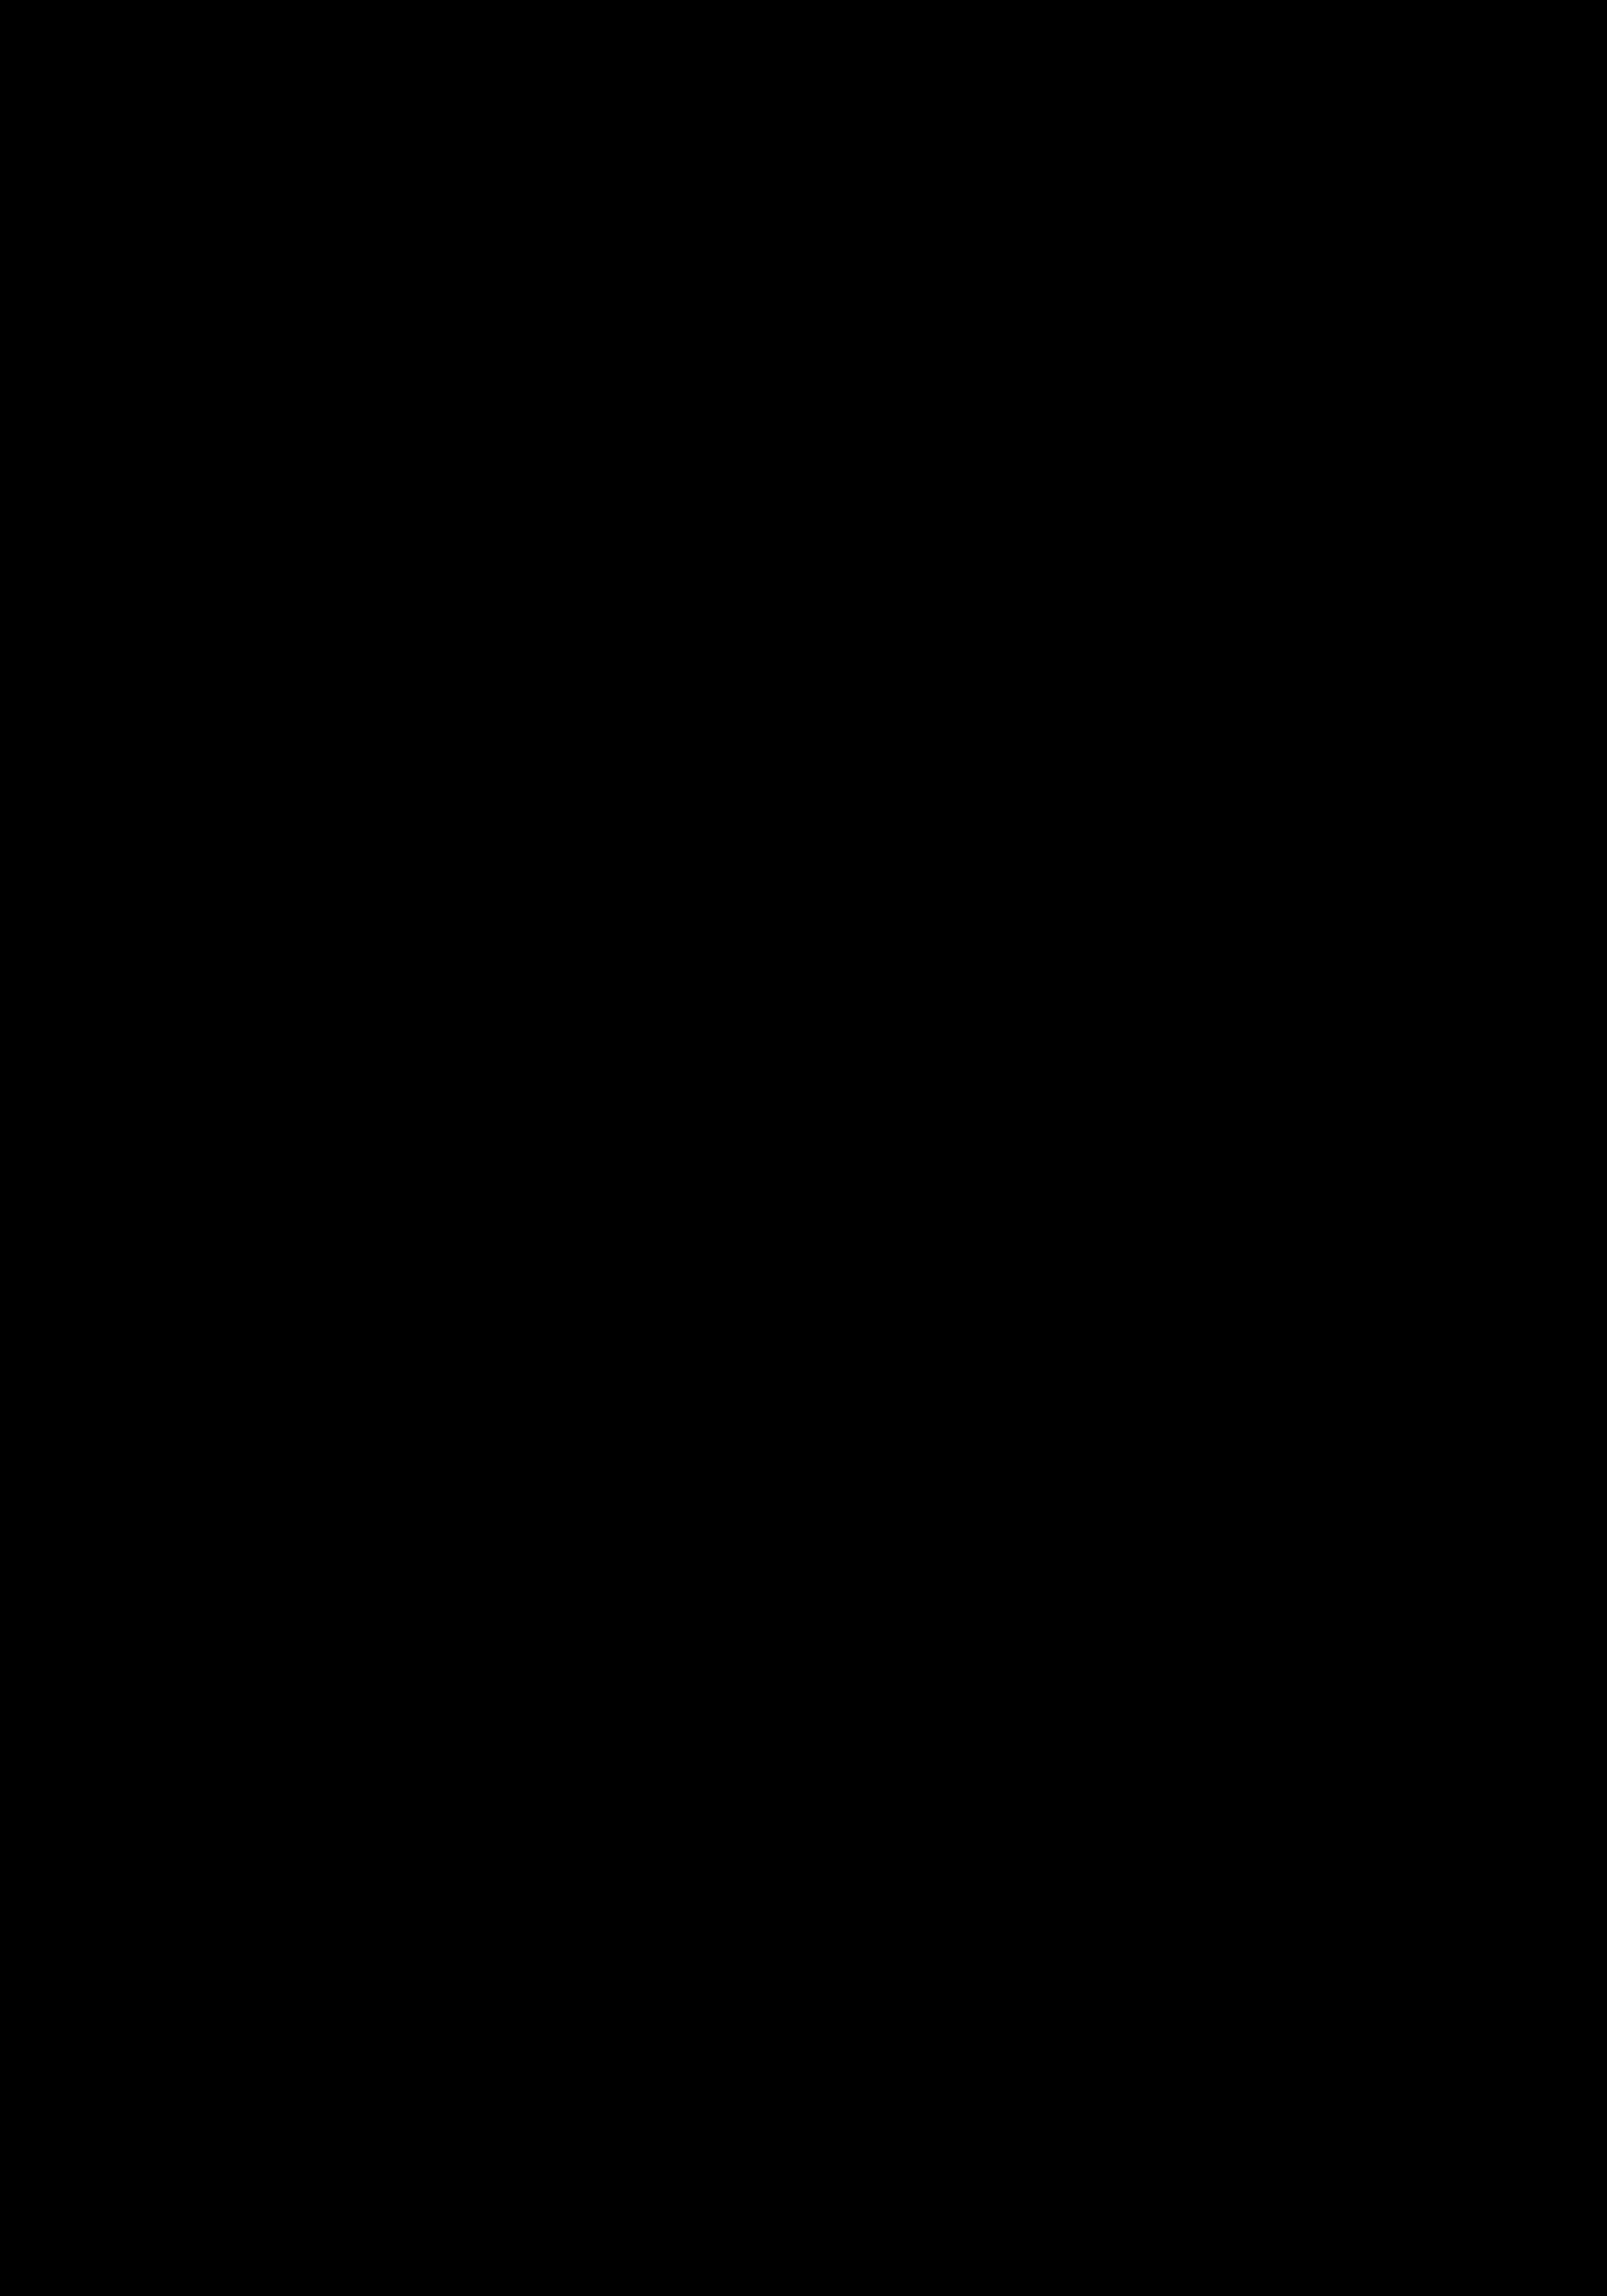 Affiche journée association 2018 Neuville de Poitou